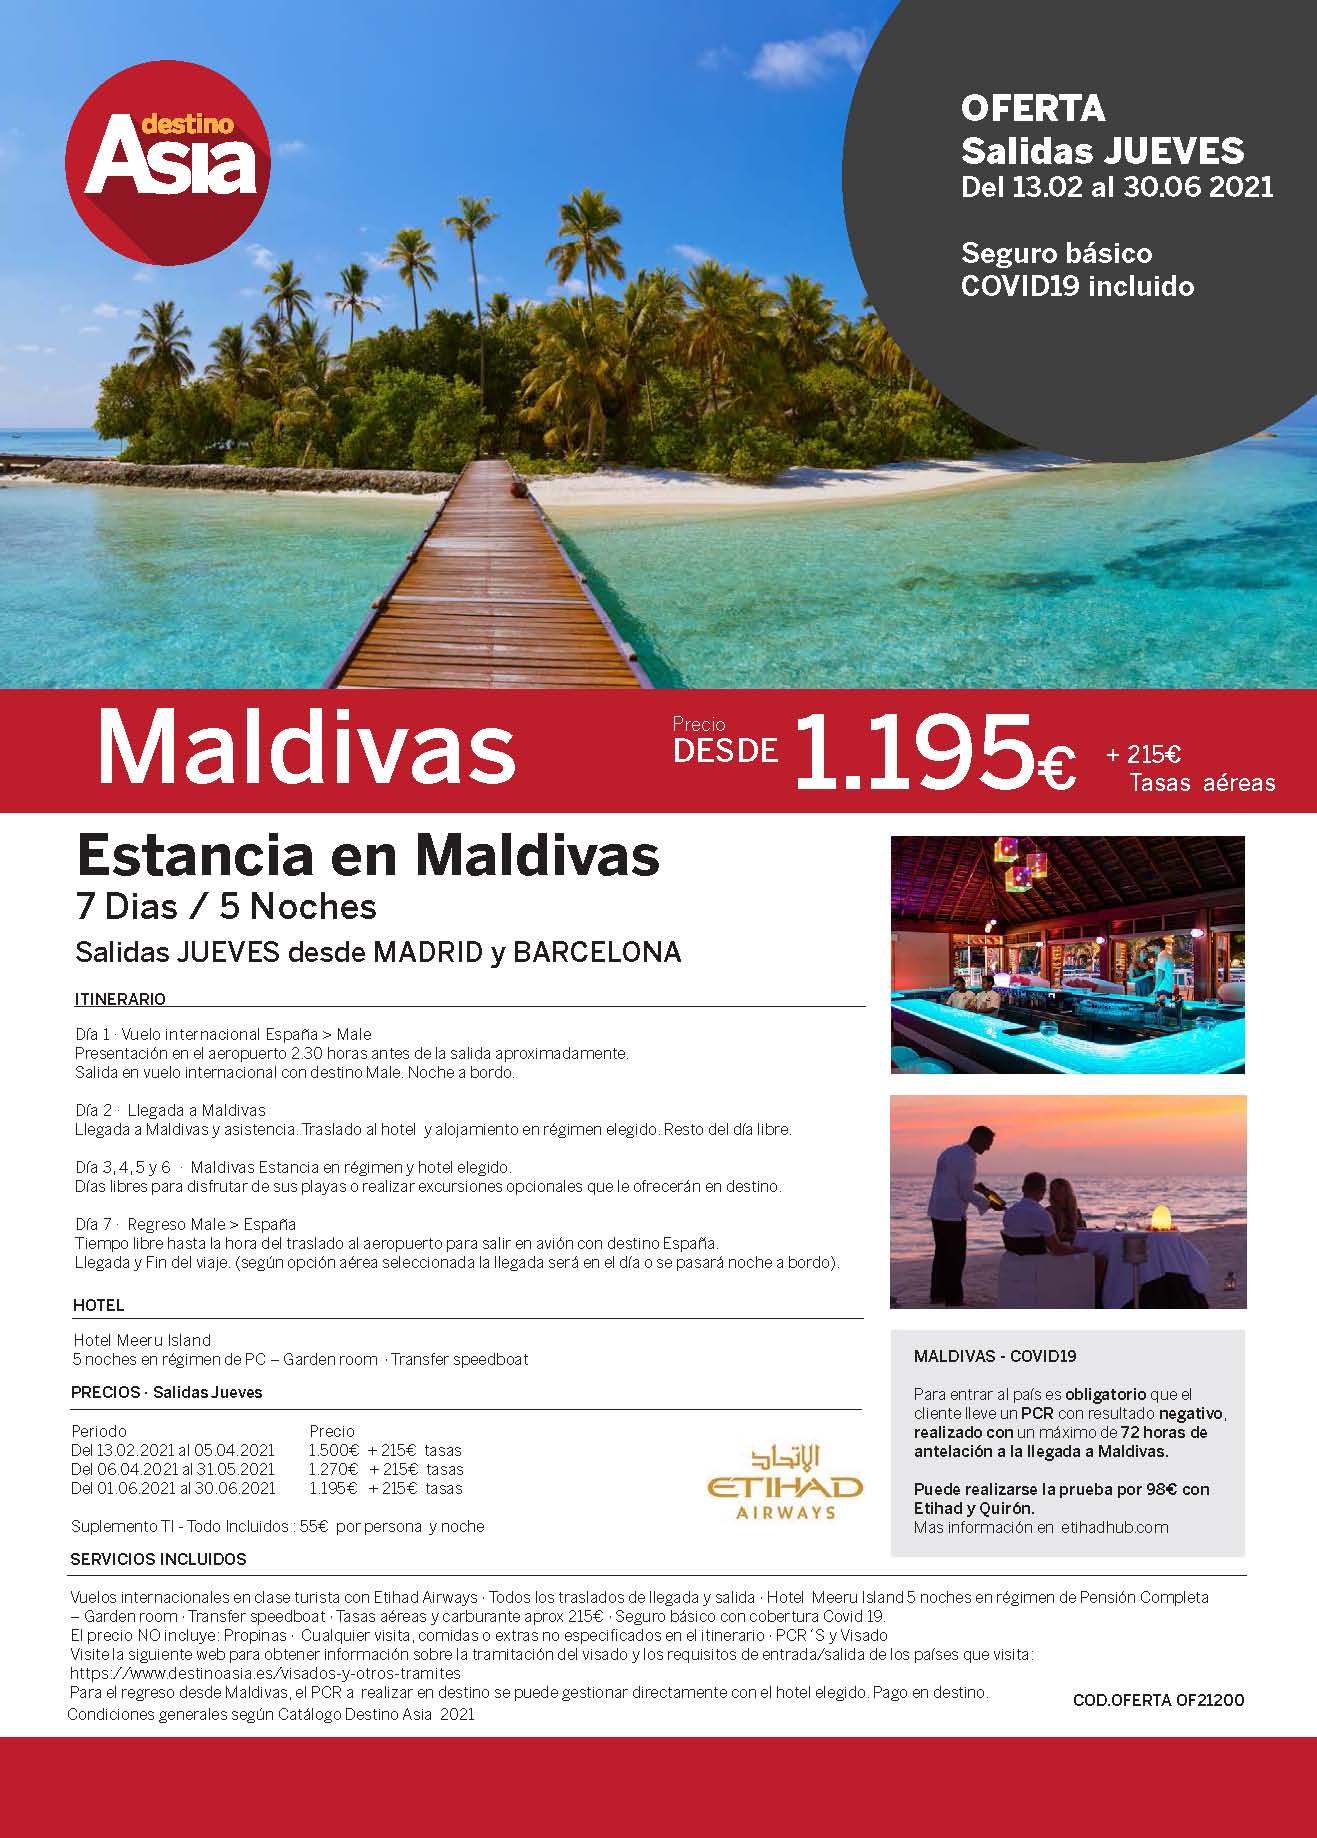 Oferta Destino Asia Estancia en Maldivas Febrero a Junio 2021 salidas desde Barcelona y Madrid